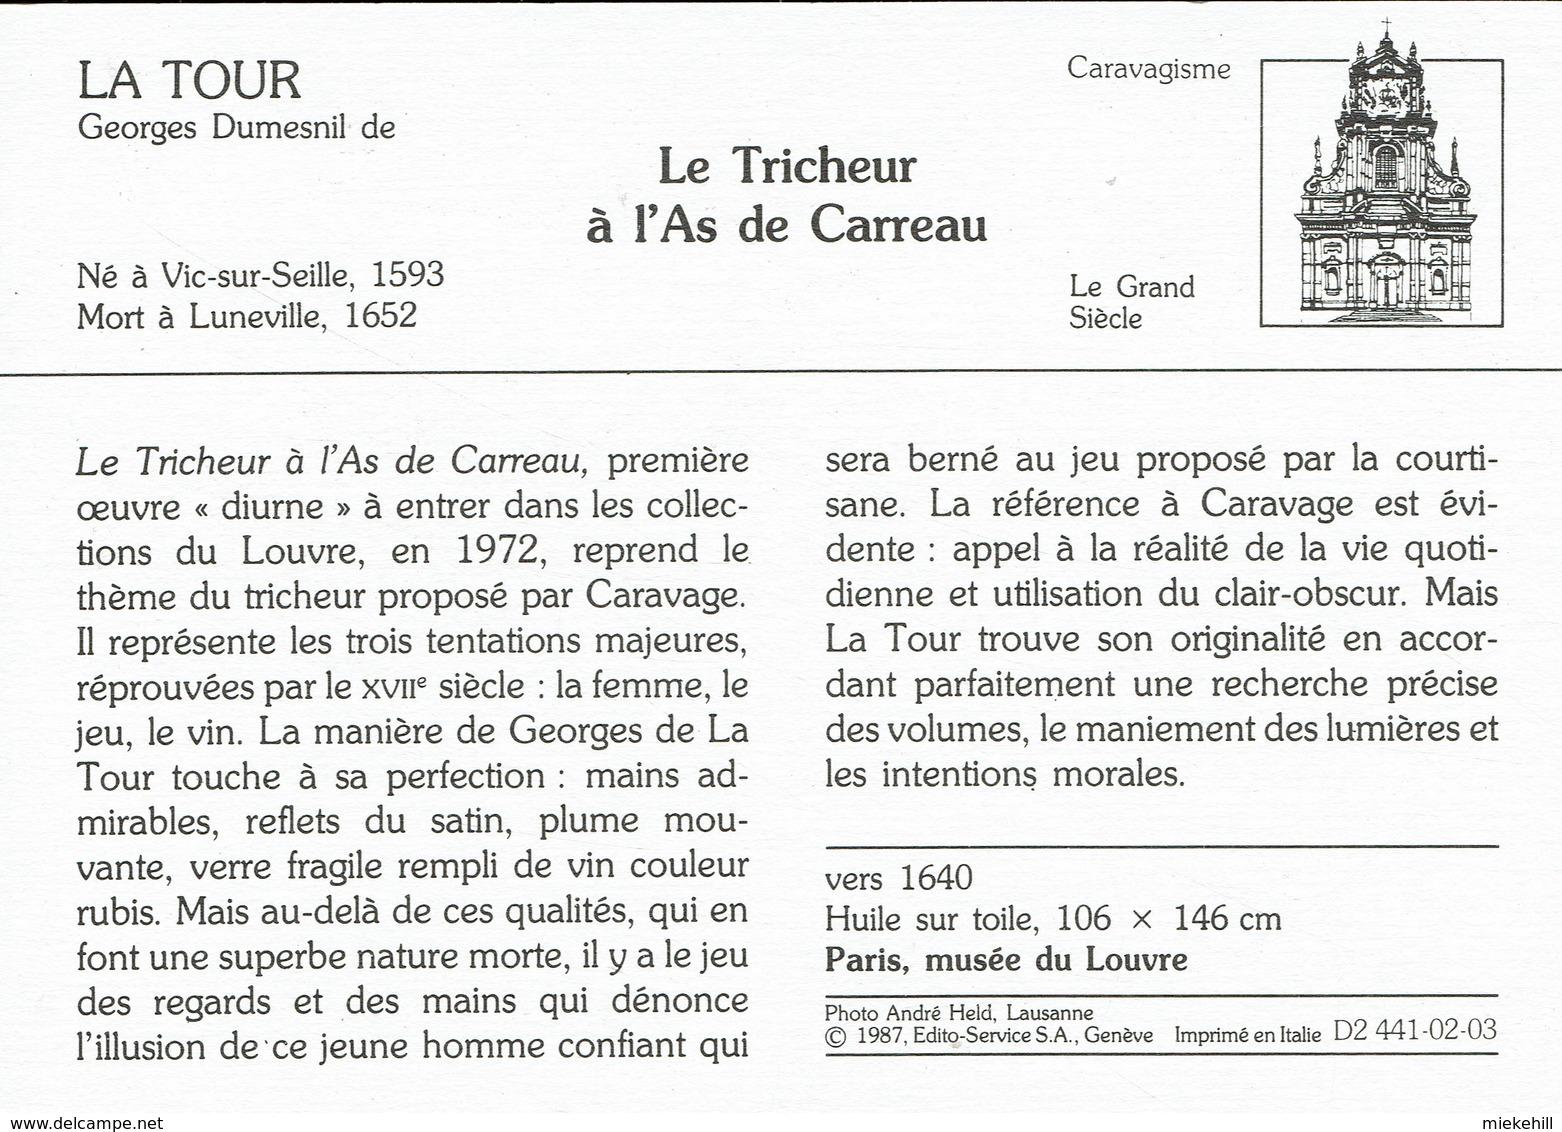 JEUX DE CARTE-TRICHEUR  A L'AS-VALSSPELER MET RUITENAAS-TABLEAU DE GEORGES LA TOUR-PARIS MUSEE DU LOUVRE - Cartes à Jouer